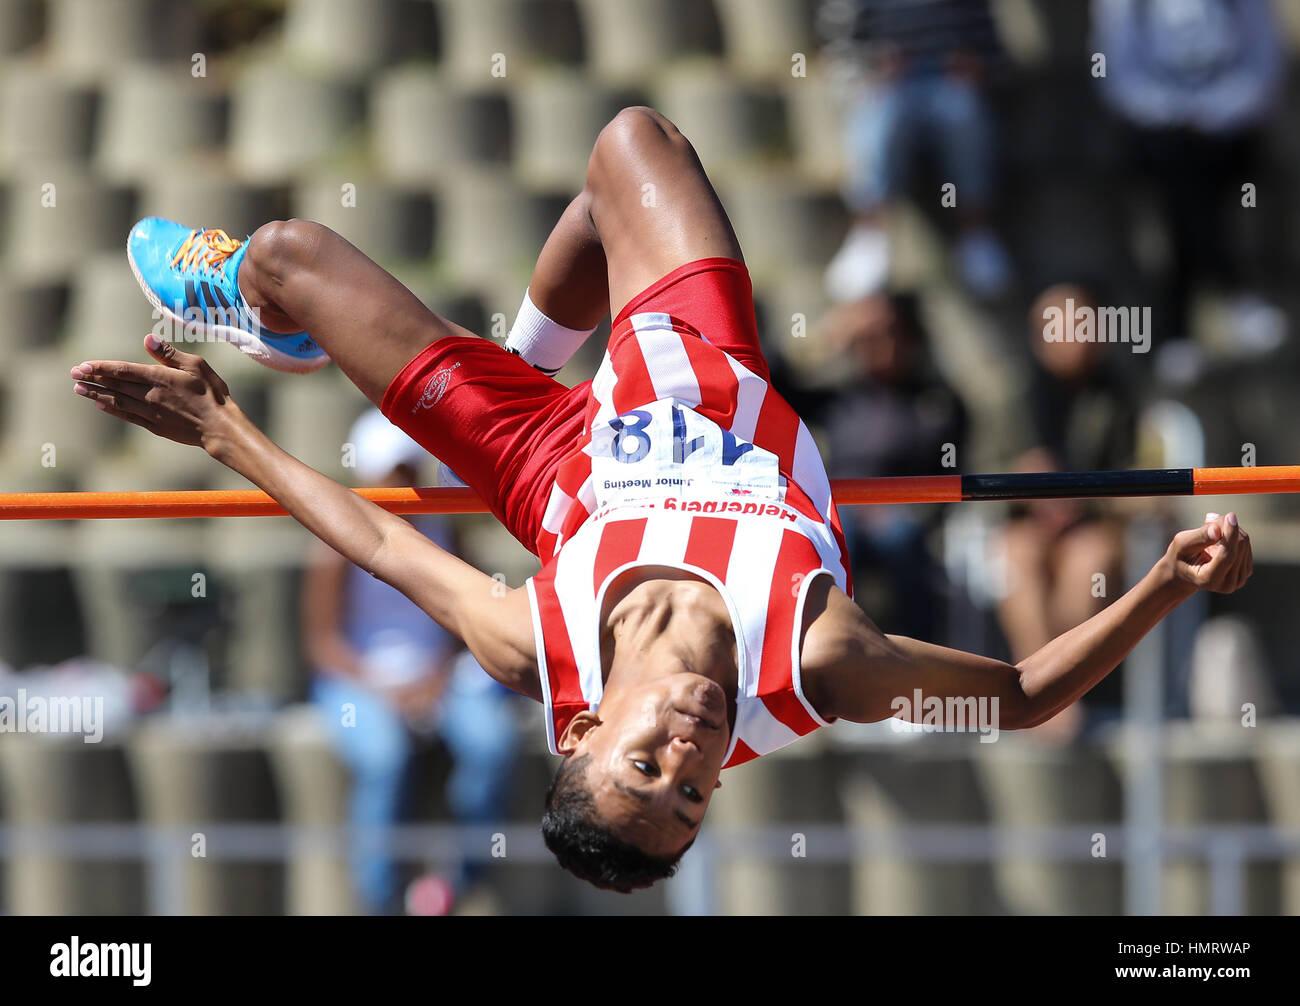 Locali di atletica leggera incontro a Parow, Cape Town, Sud Africa Immagini Stock